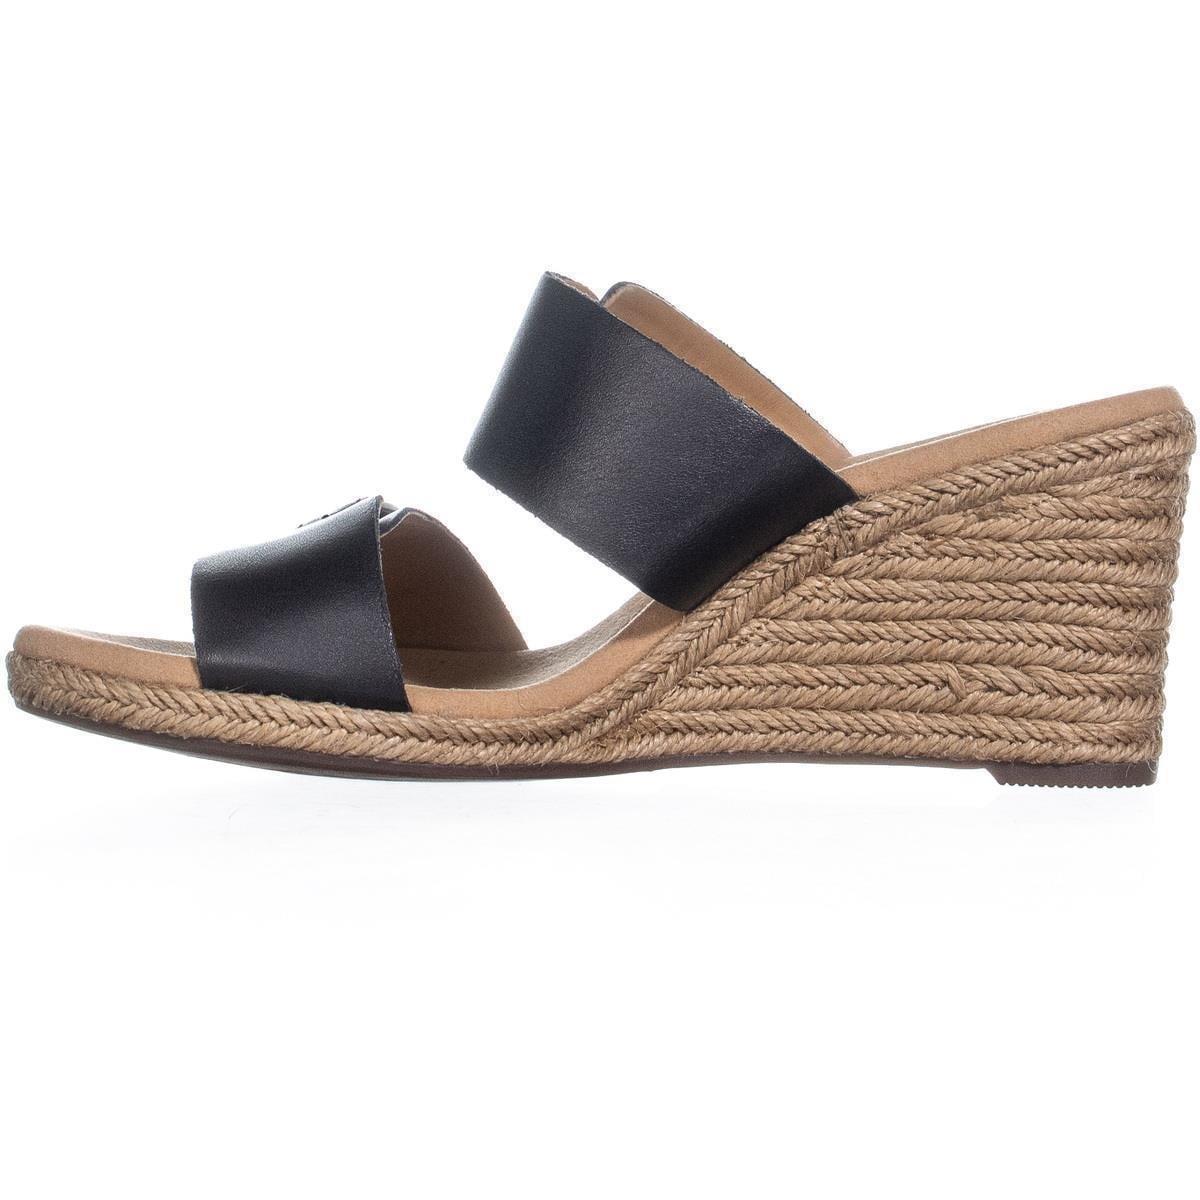 22f02e01703c Shop Clarks Lafley Devin Wedge Espadrilles Sandals